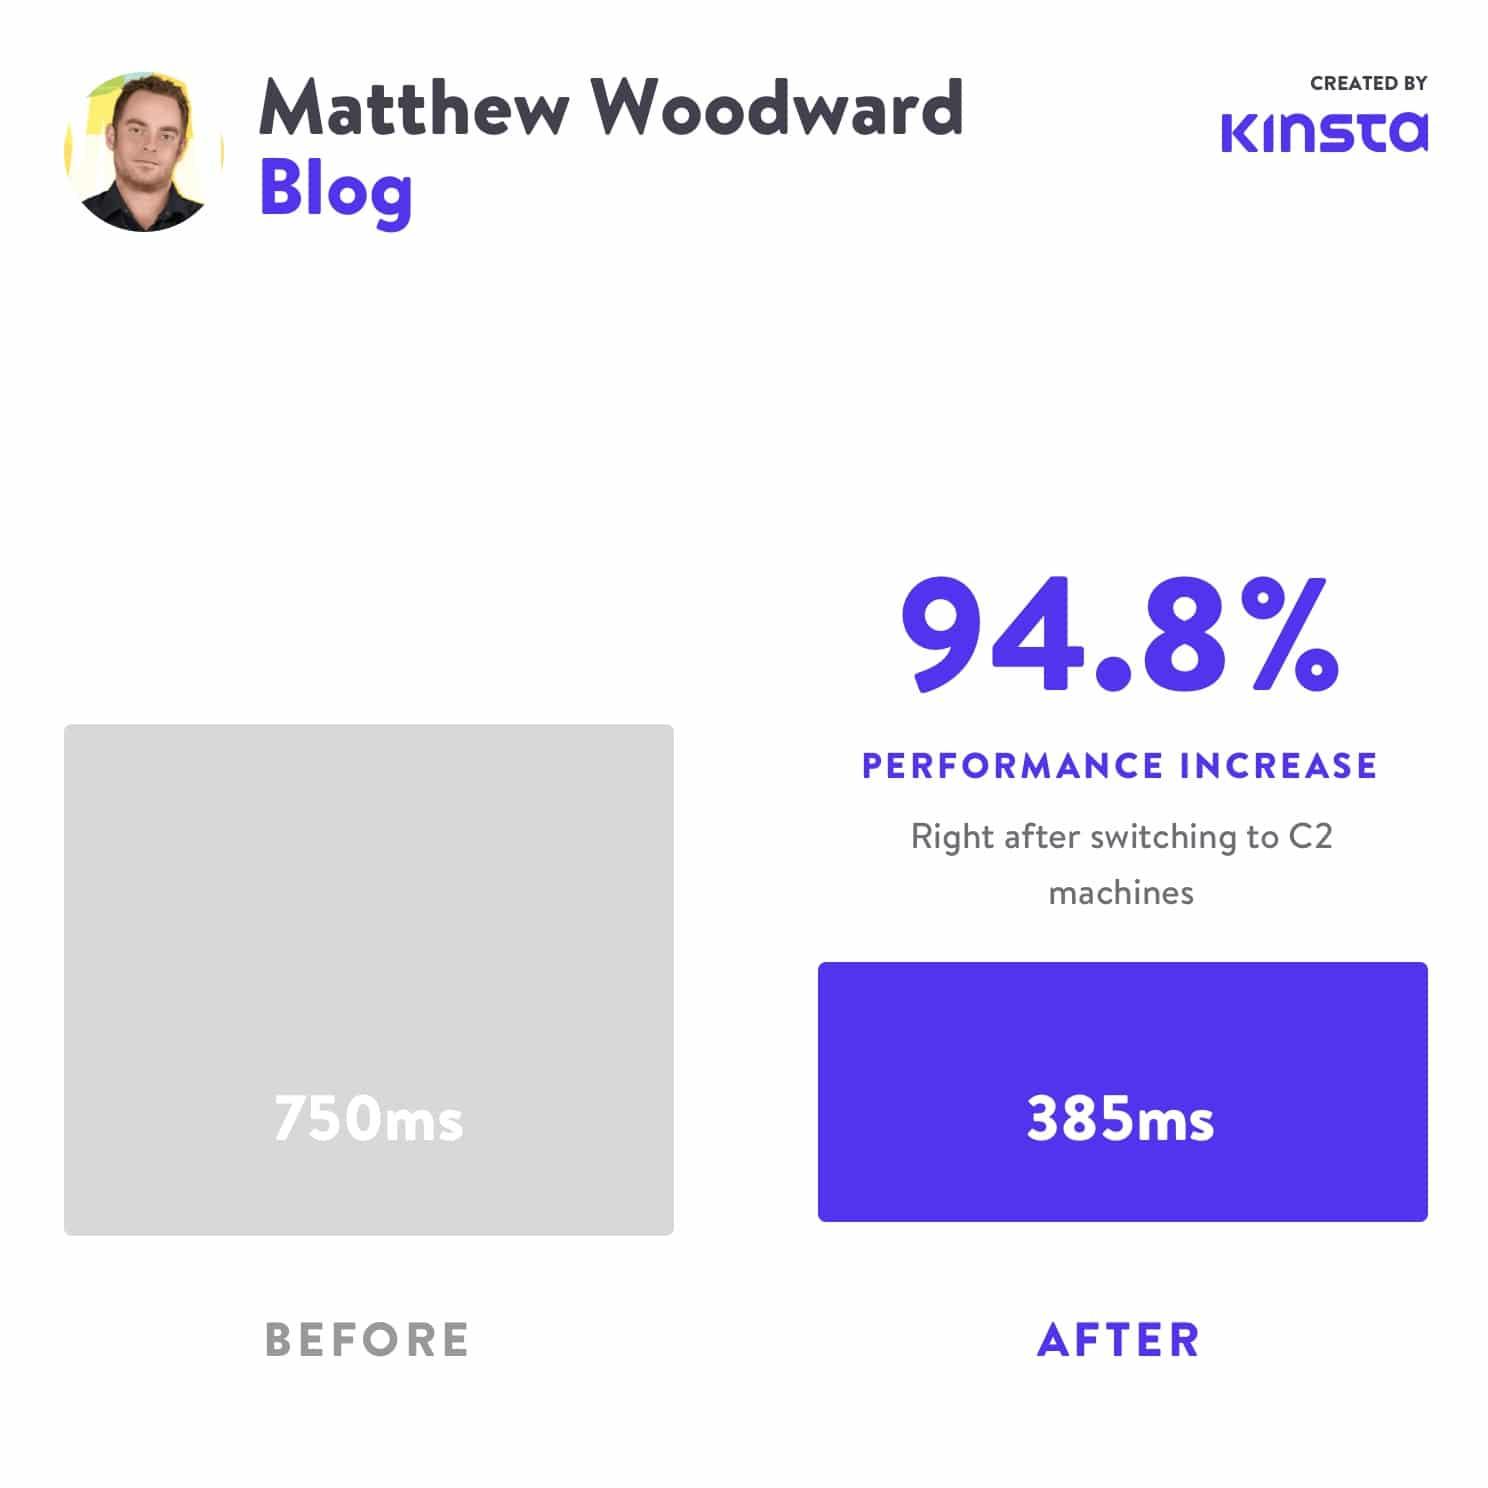 Matthew Woodward zag een prestatieverbetering van 94,8% na de overstap naar C2.